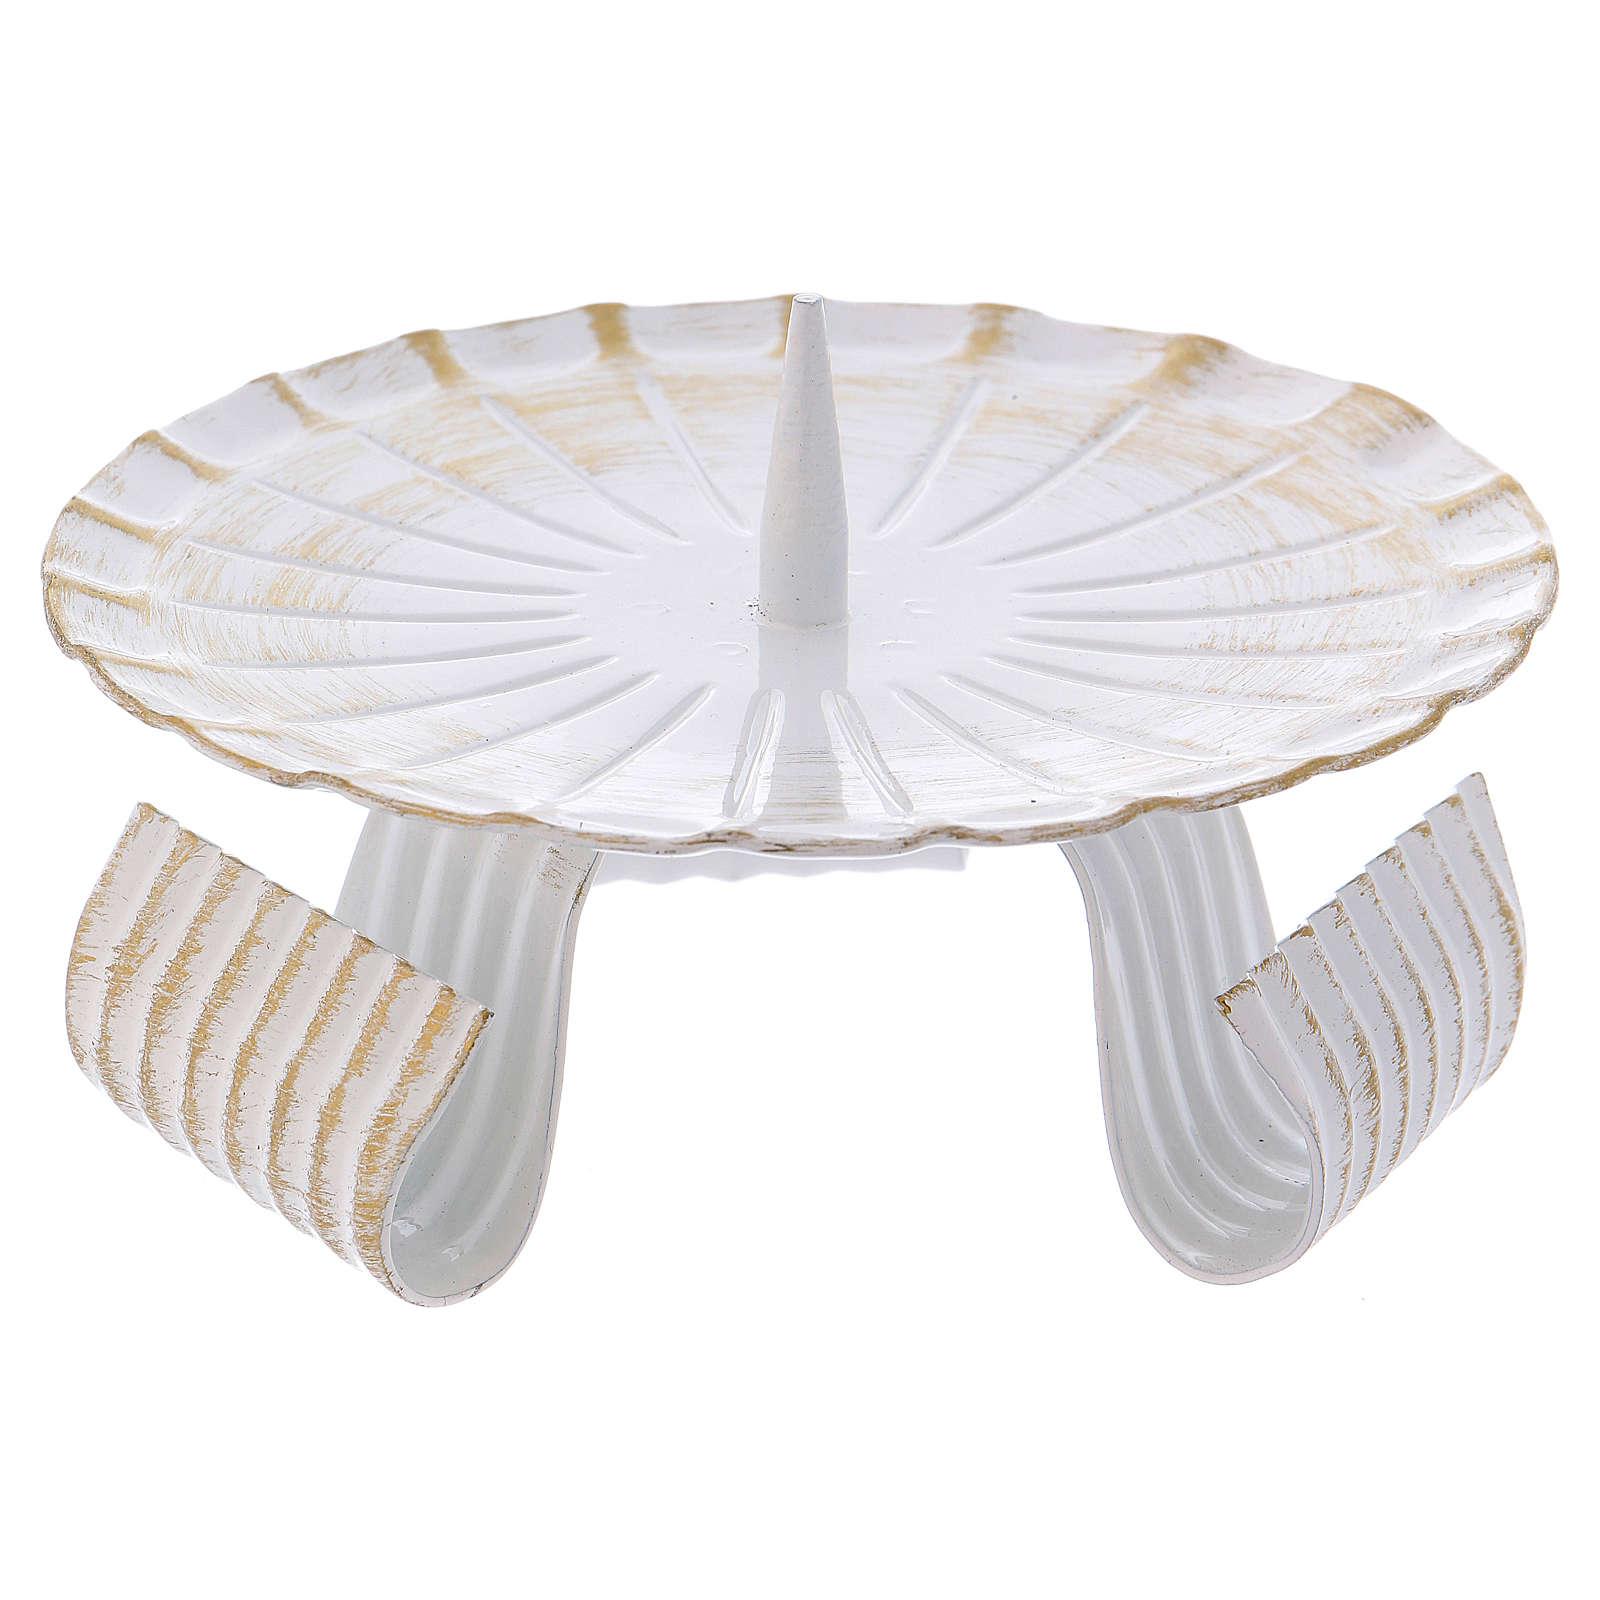 Portacandele treppiedi ferro bianco e oro 12 cm 3